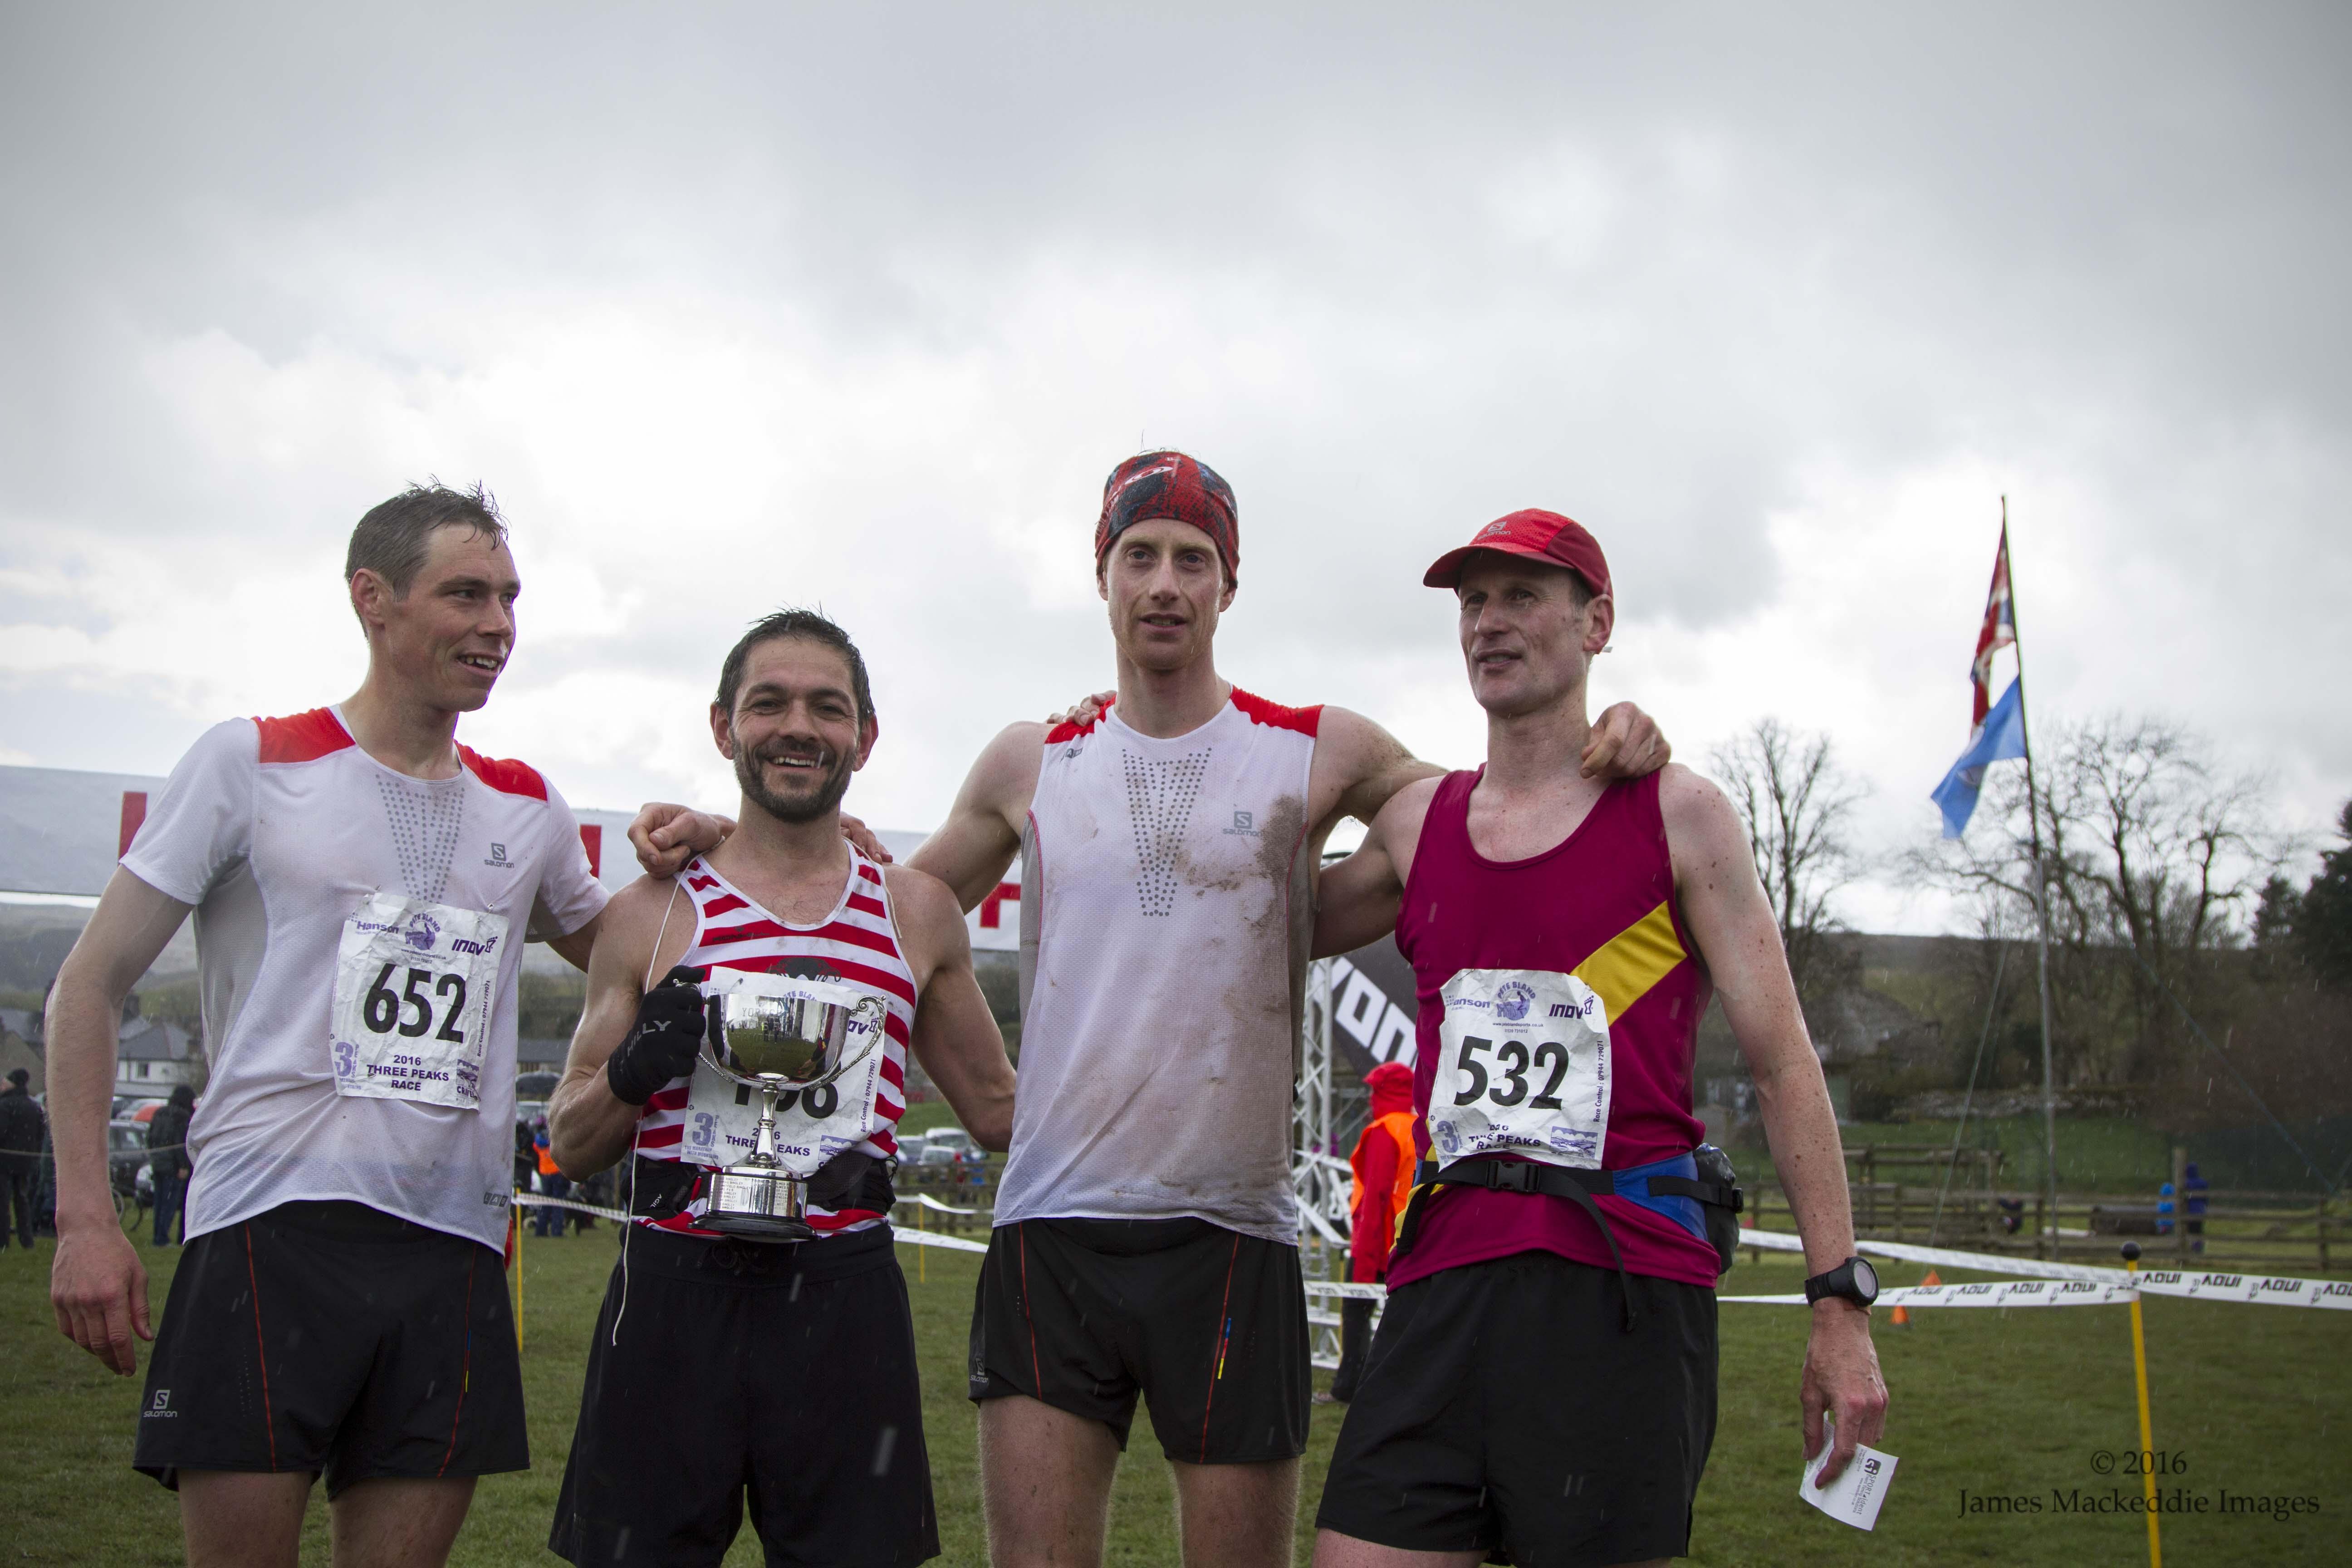 3 Peaks Fell Race Finish Ricky craig tom